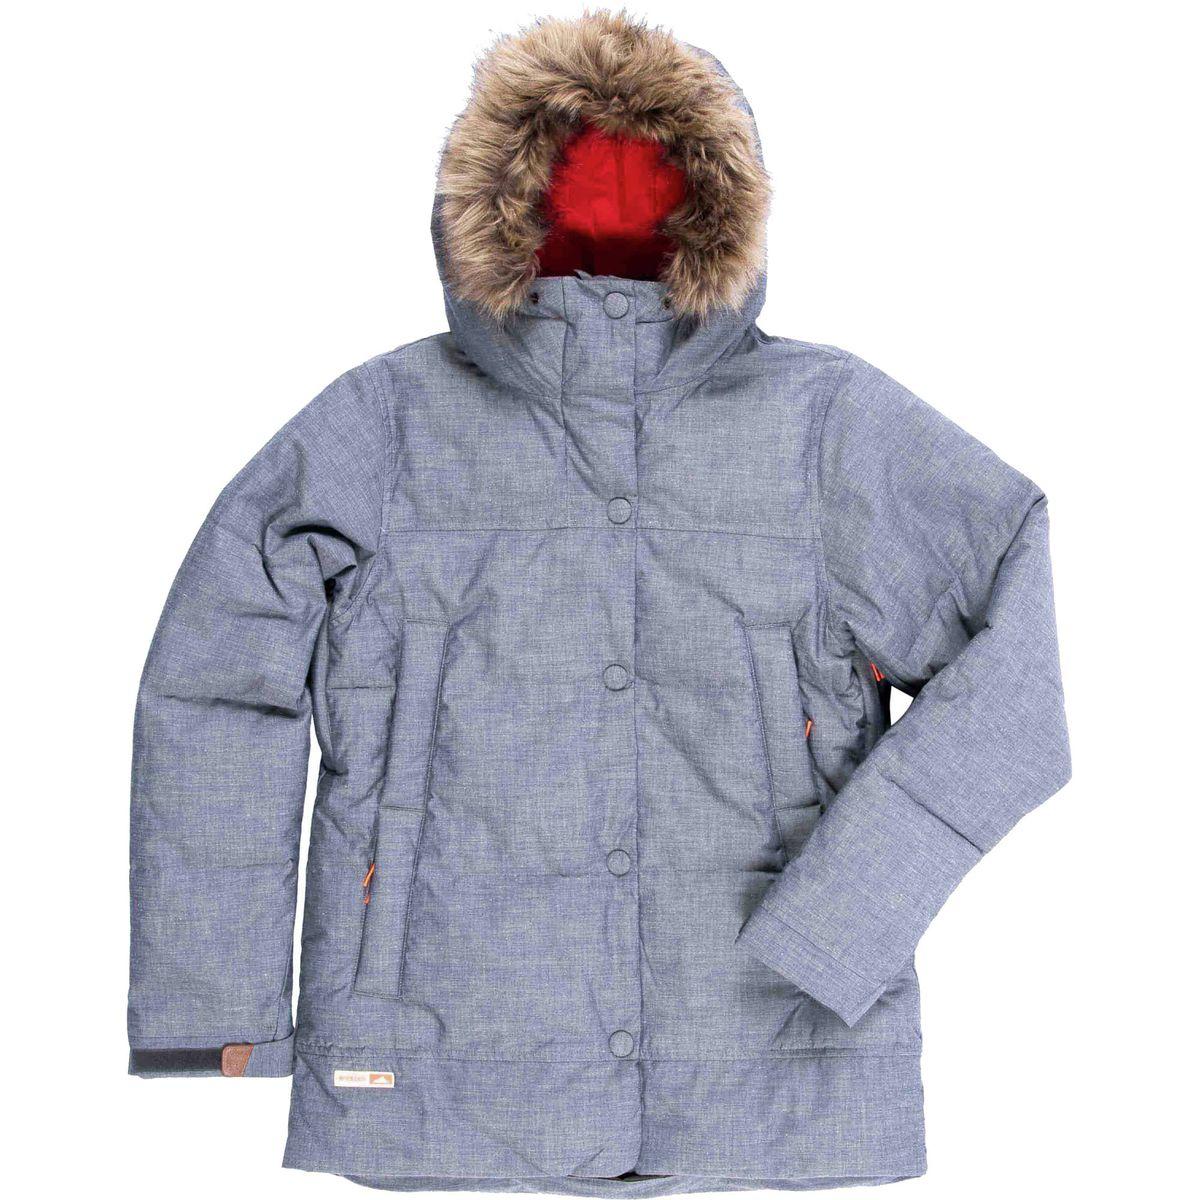 Holden Bliss Down-Tech Insulated Jacket - Women